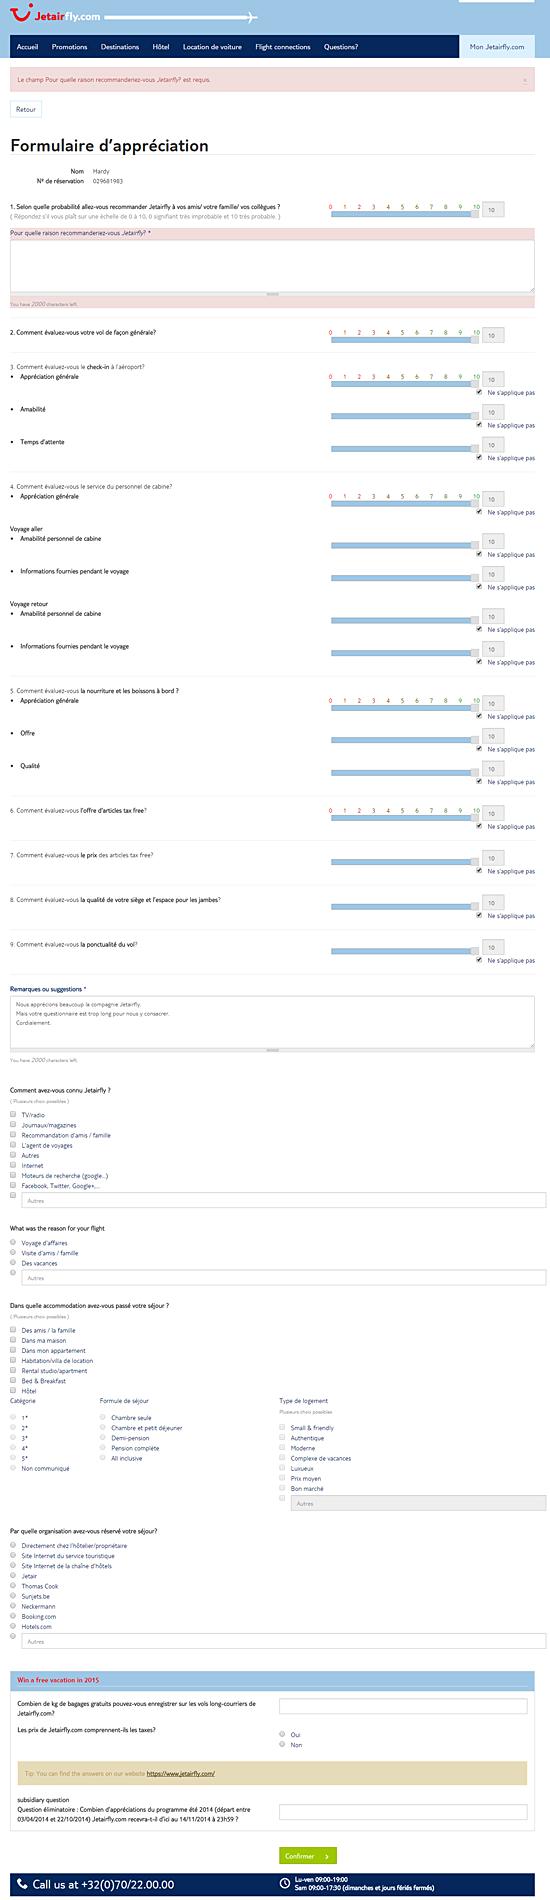 Un formullaire d'évaluation beaucoup trop long sur le site jetairfly.com.